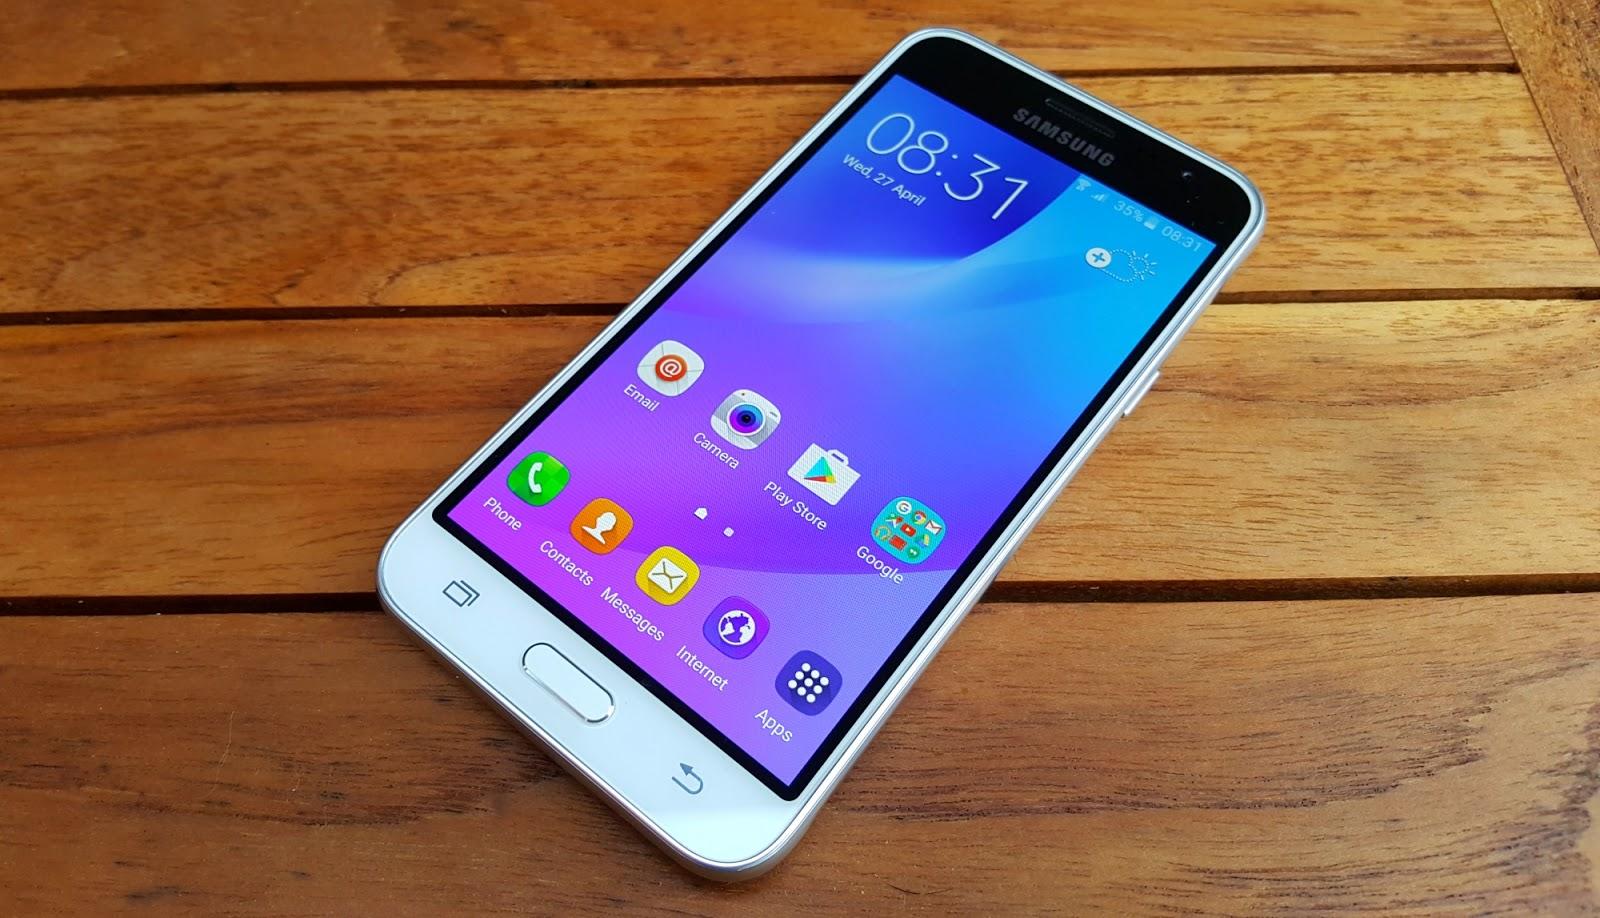 Samsung Galaxy J3 si scalda troppo durante la ricarica. E' normale?